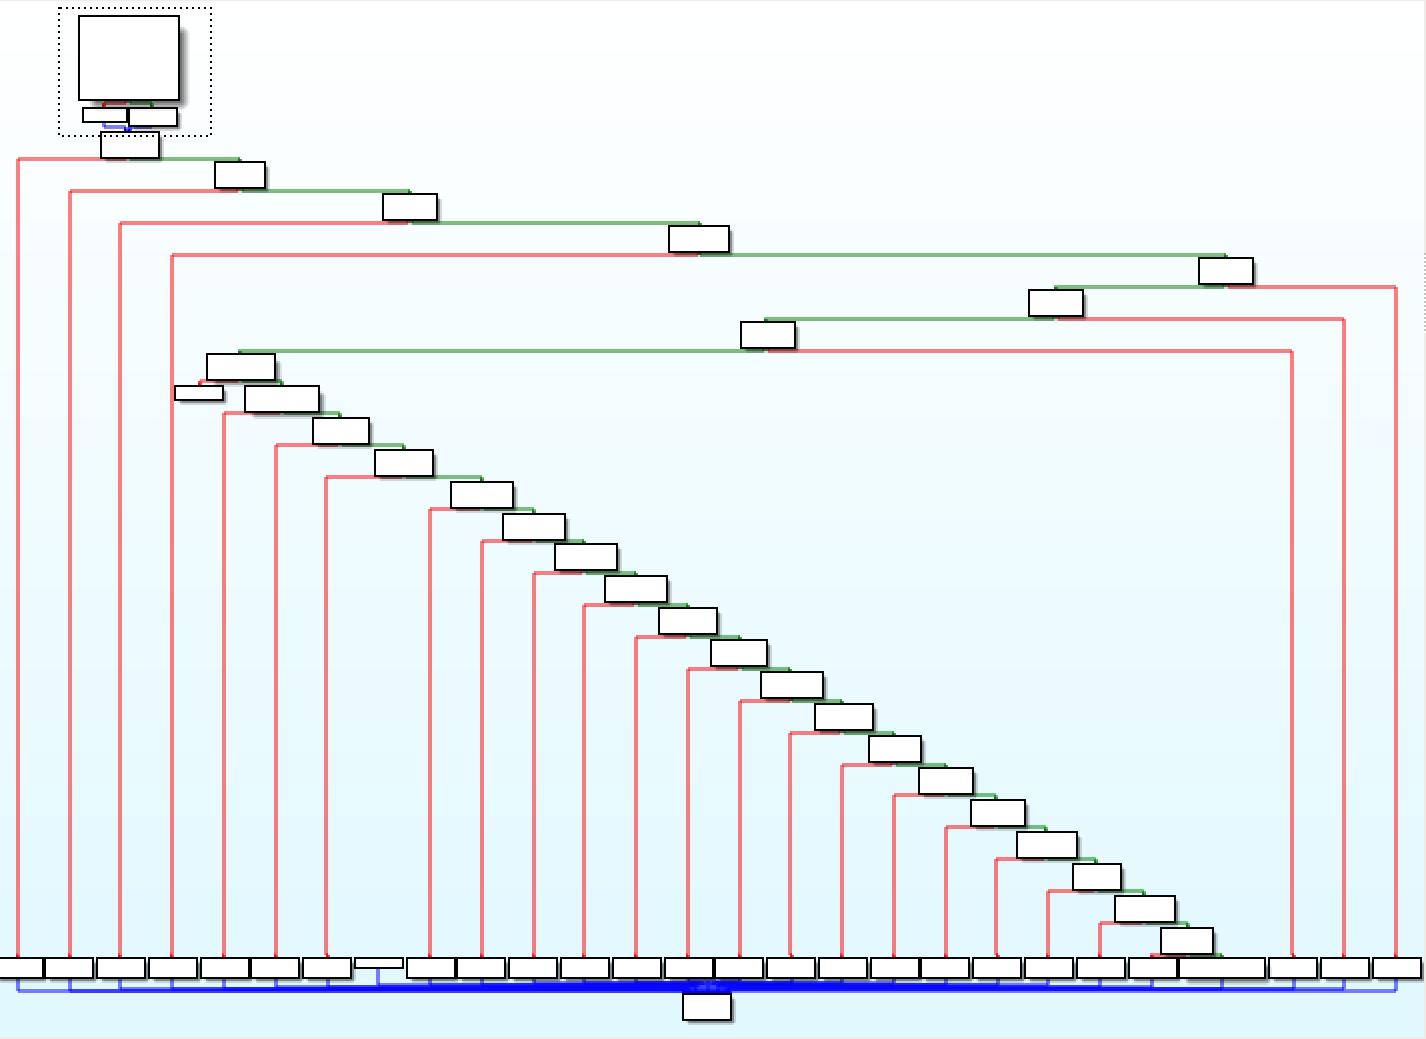 Рис. 3. Проверка полученного аргумента в cgibin из прошивки D-Link